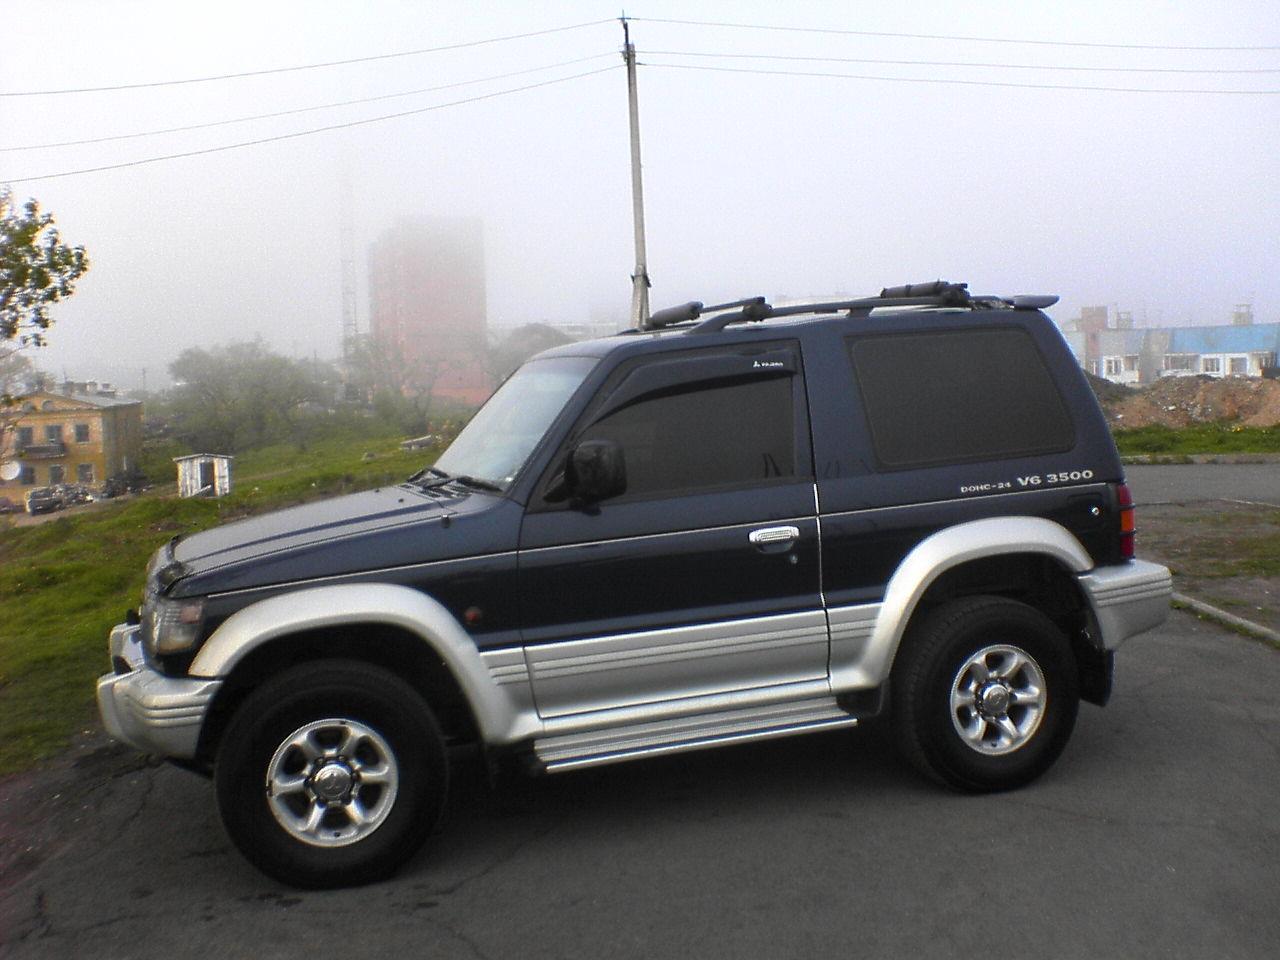 1995 Mitsubishi Pajero Pictures, 3500cc., Gasoline, Automatic For Sale